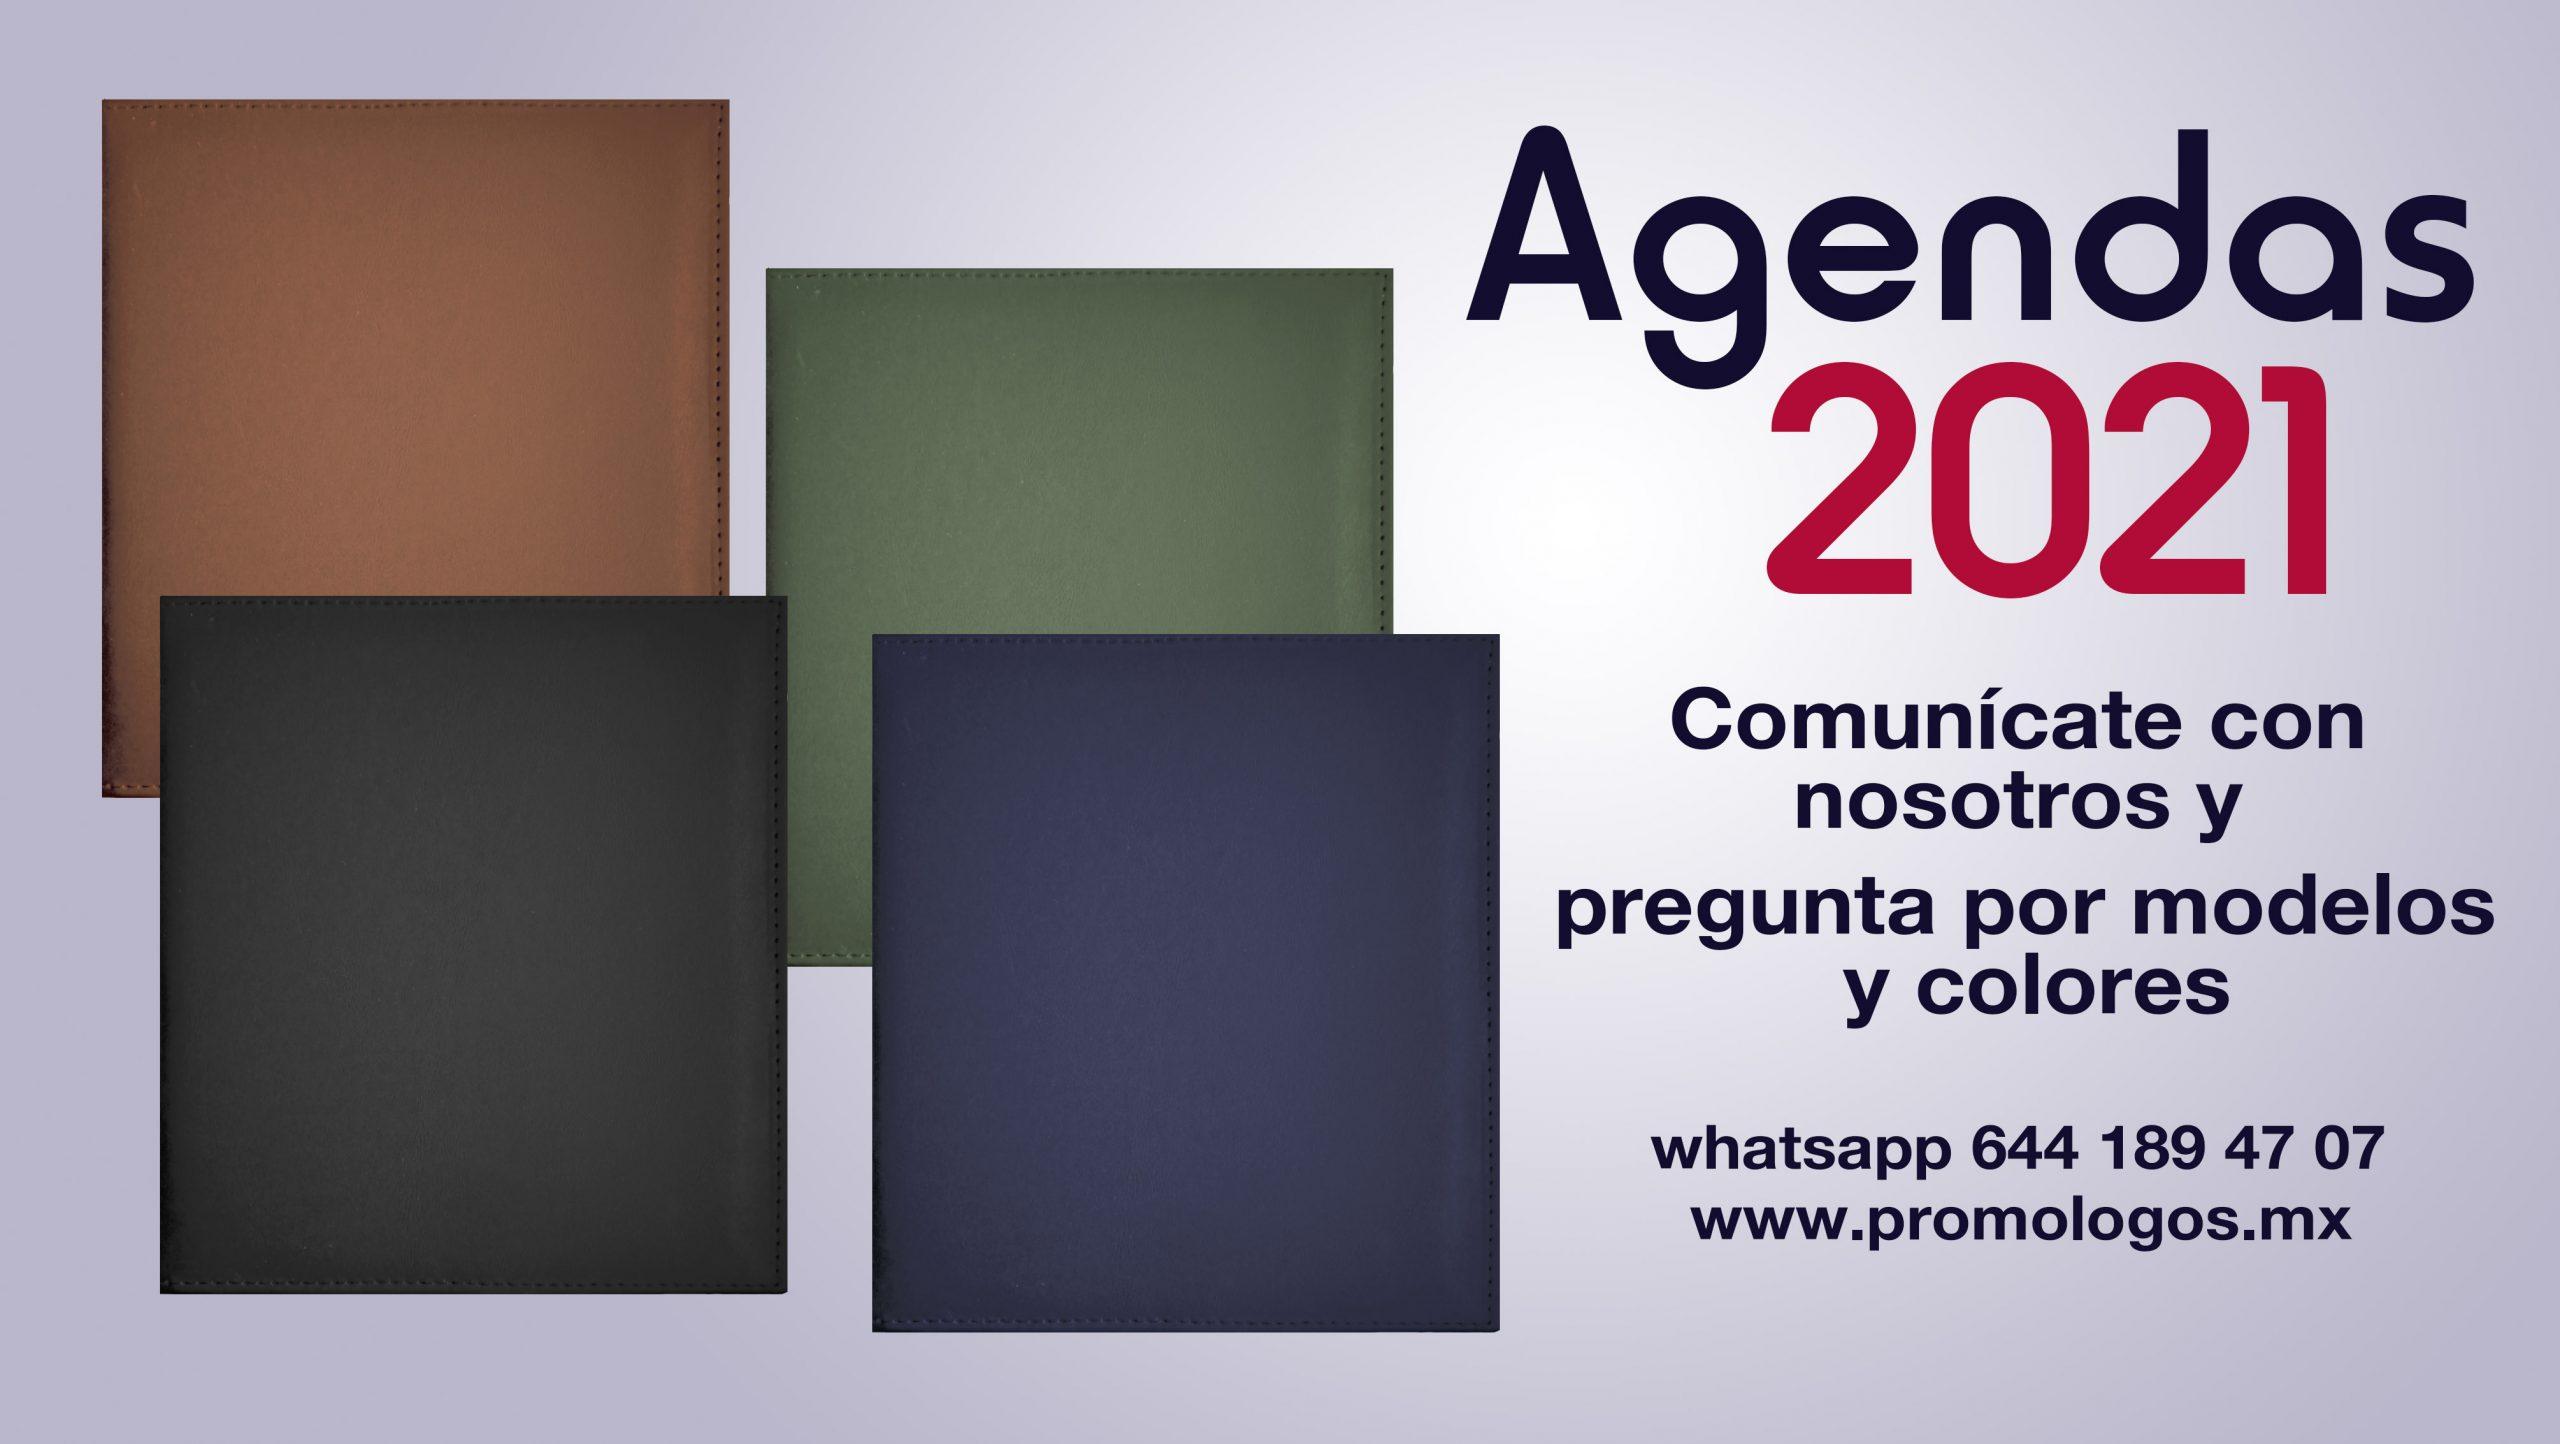 banner-agendas-2021-scaled